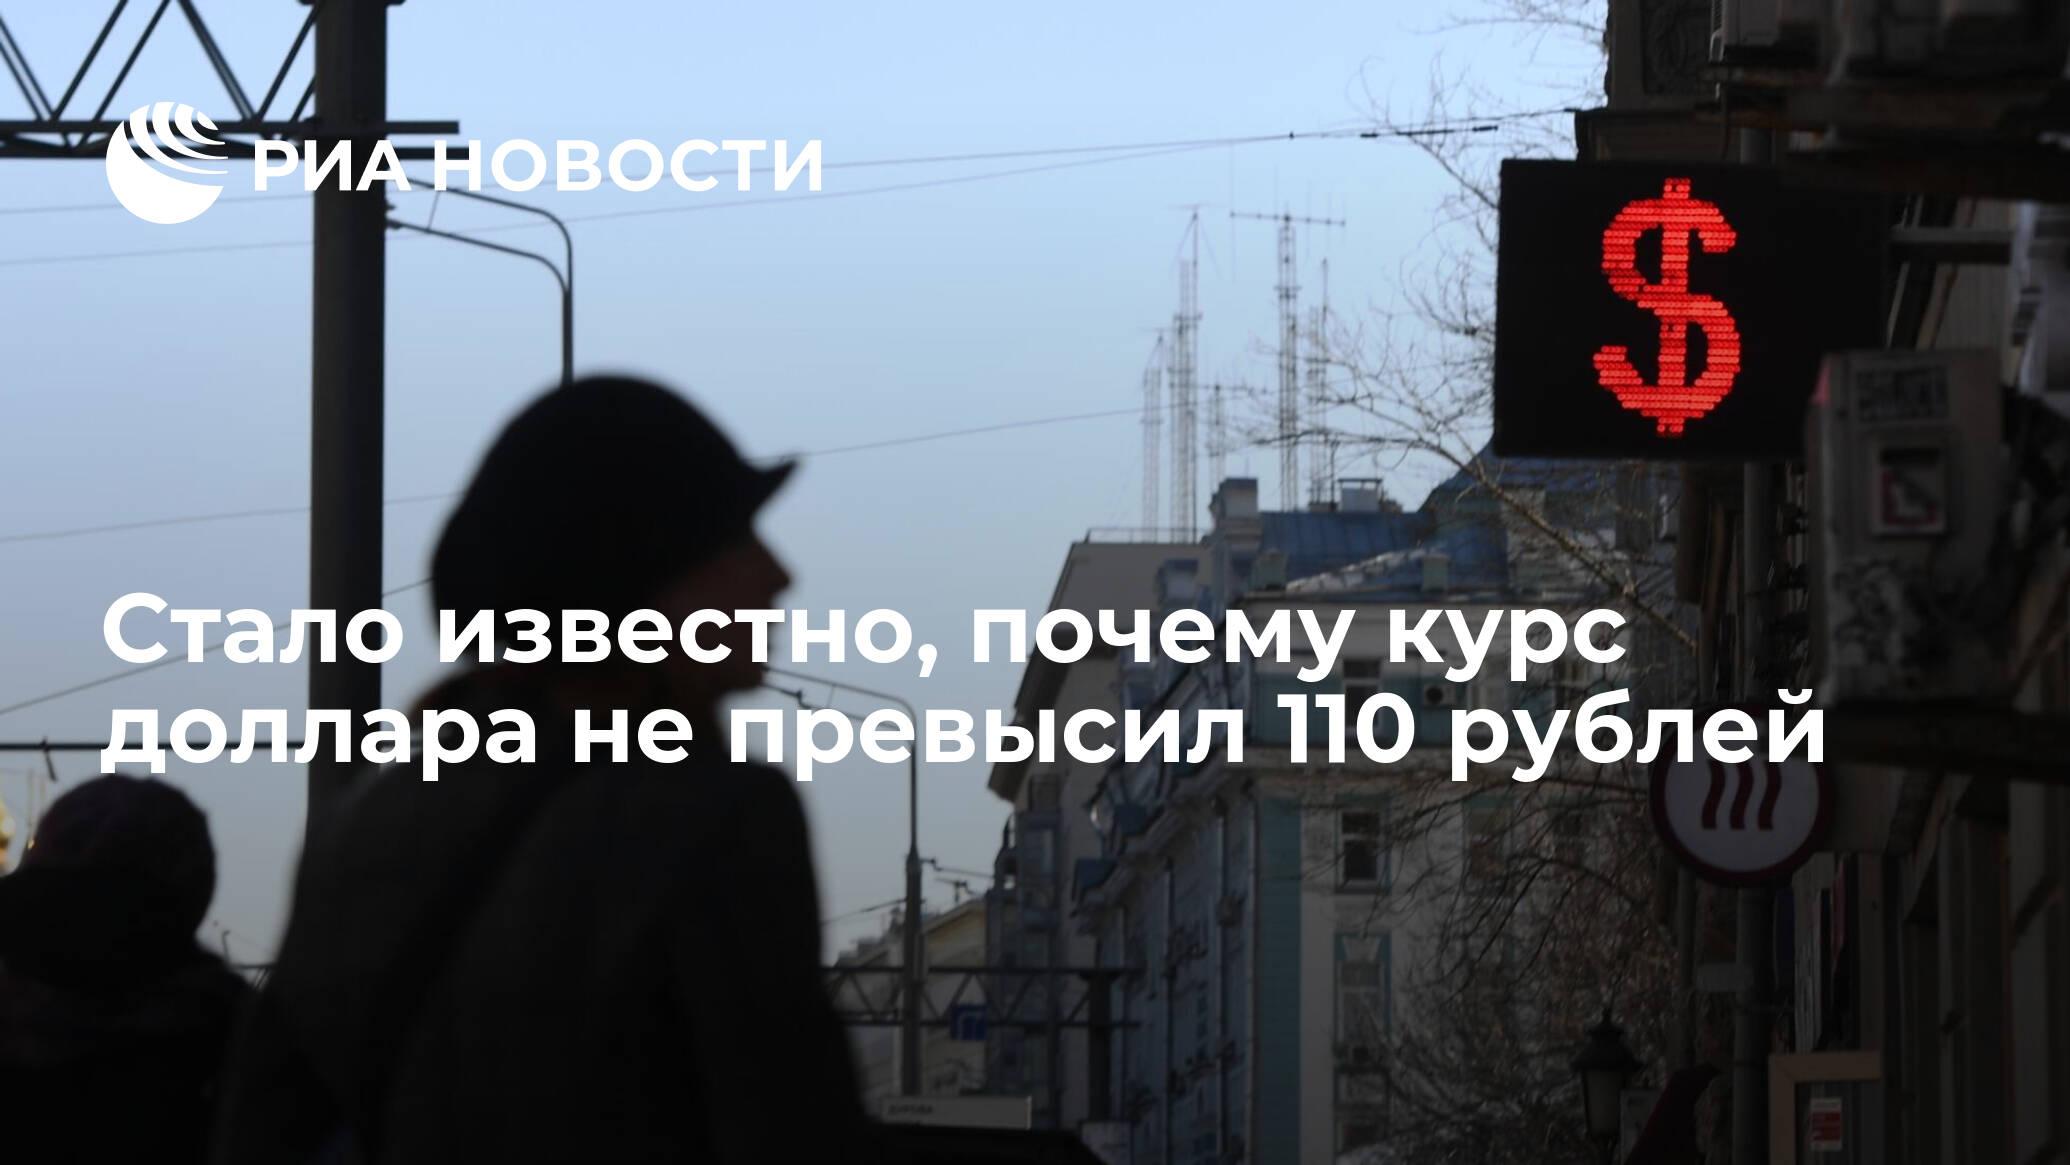 Стало известно, почему курс доллара не превысил 110 рублей - РИА НОВОСТИ